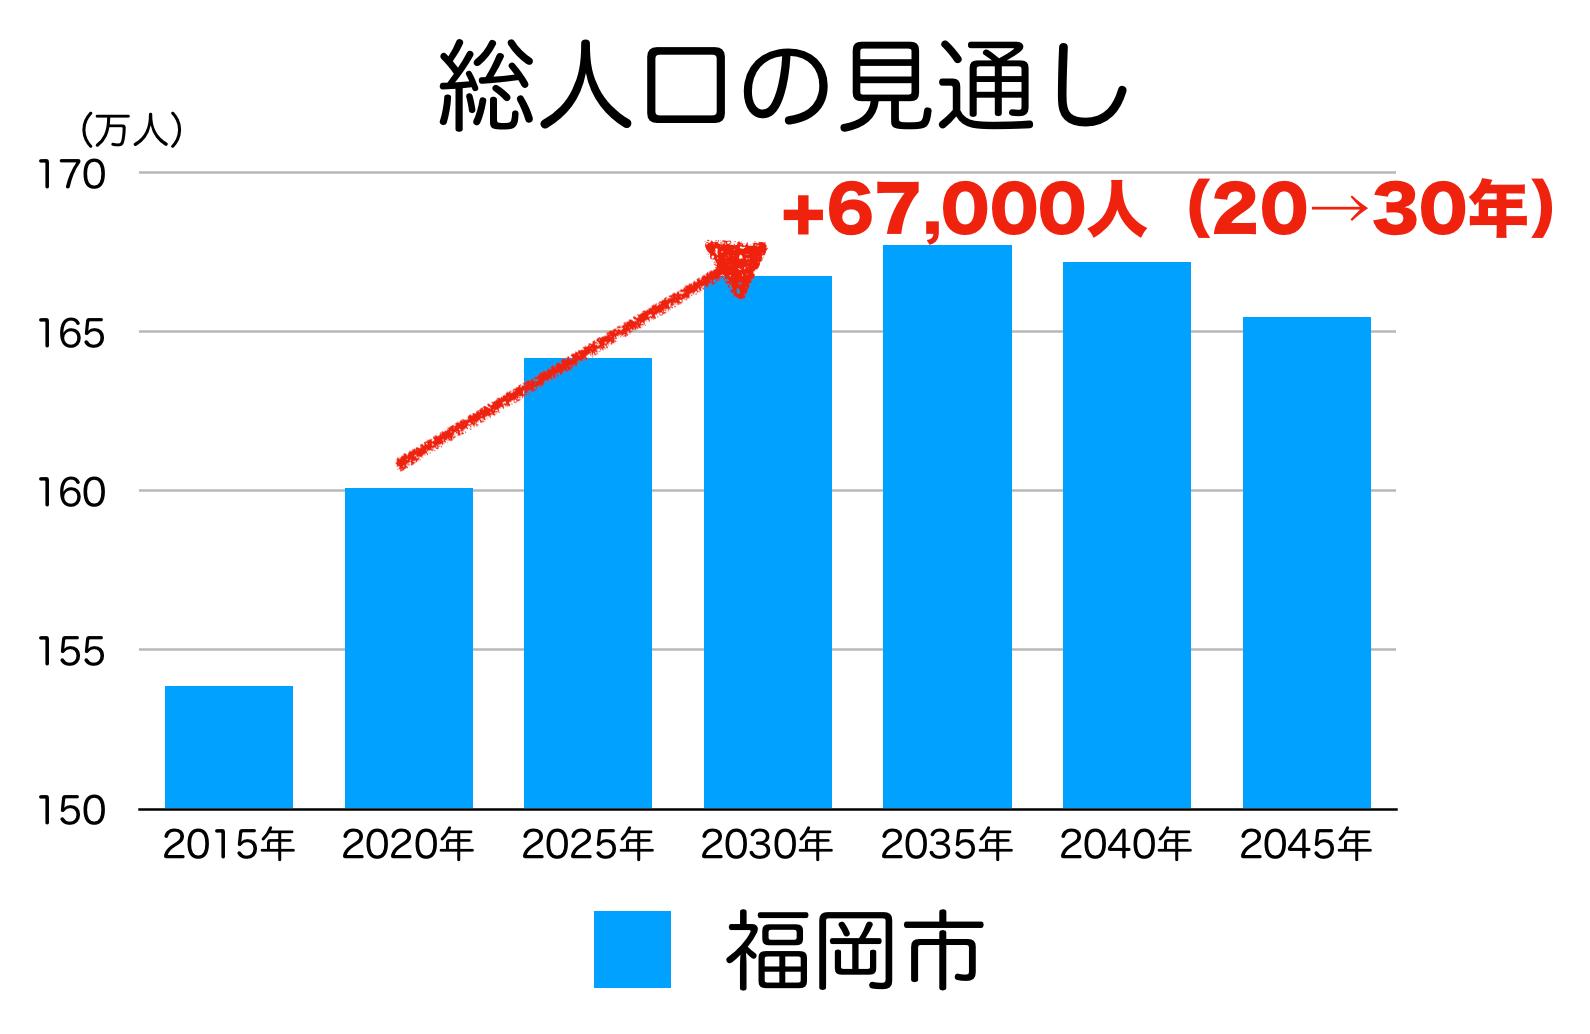 福岡市の人口予測